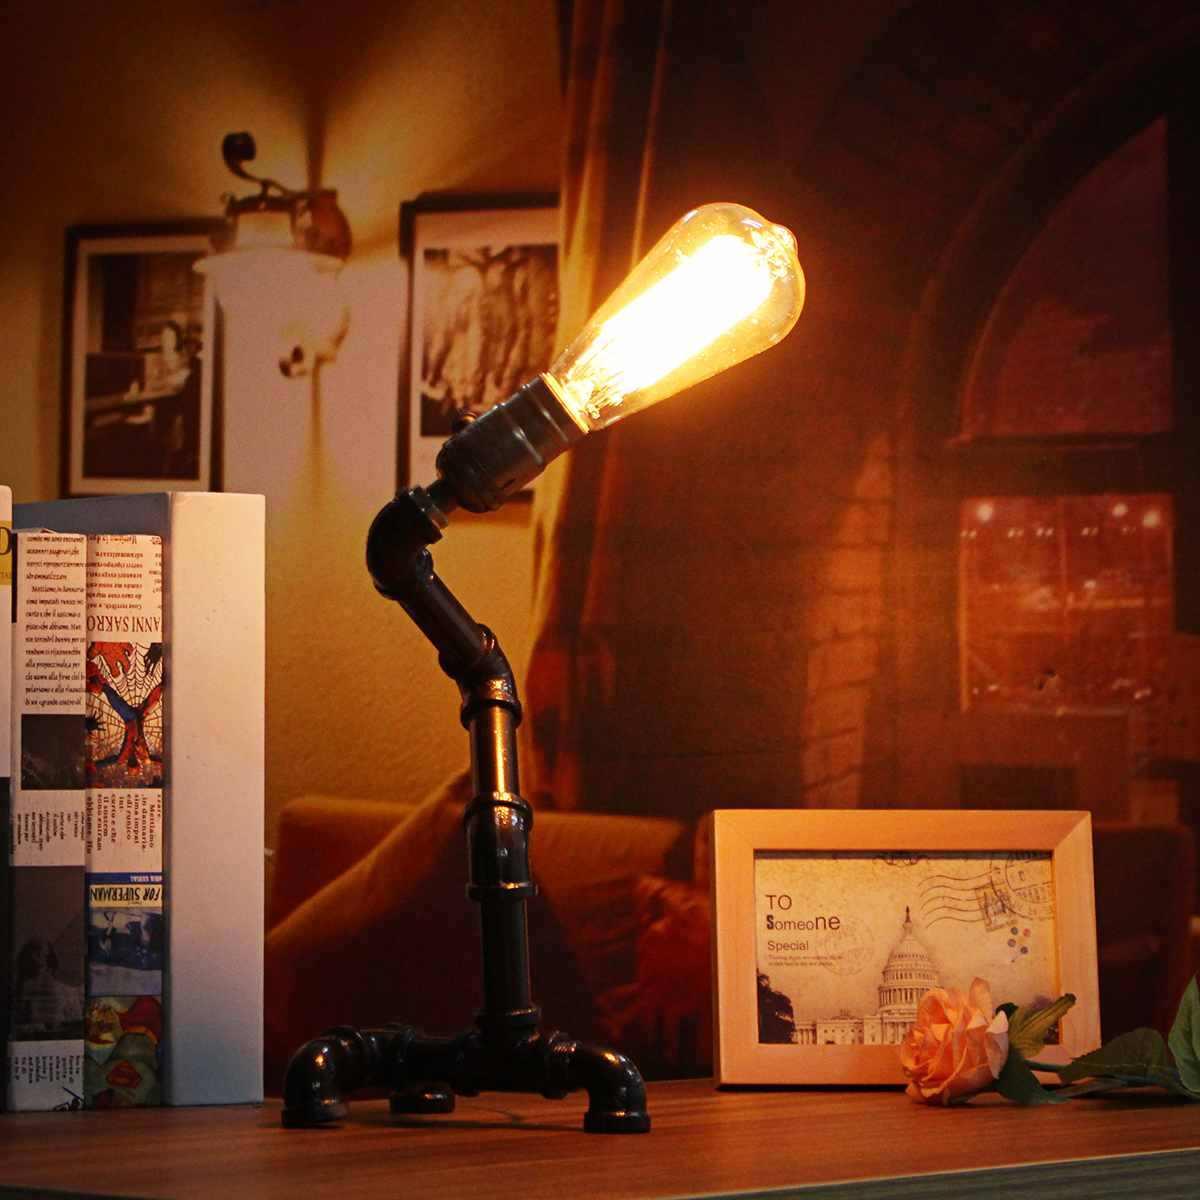 Винтаж Промышленные Ретро стиль стальная труба стол ночное освещение светодио дный настольные лампы спальня офис исследование Чтение Книга Новинка свет